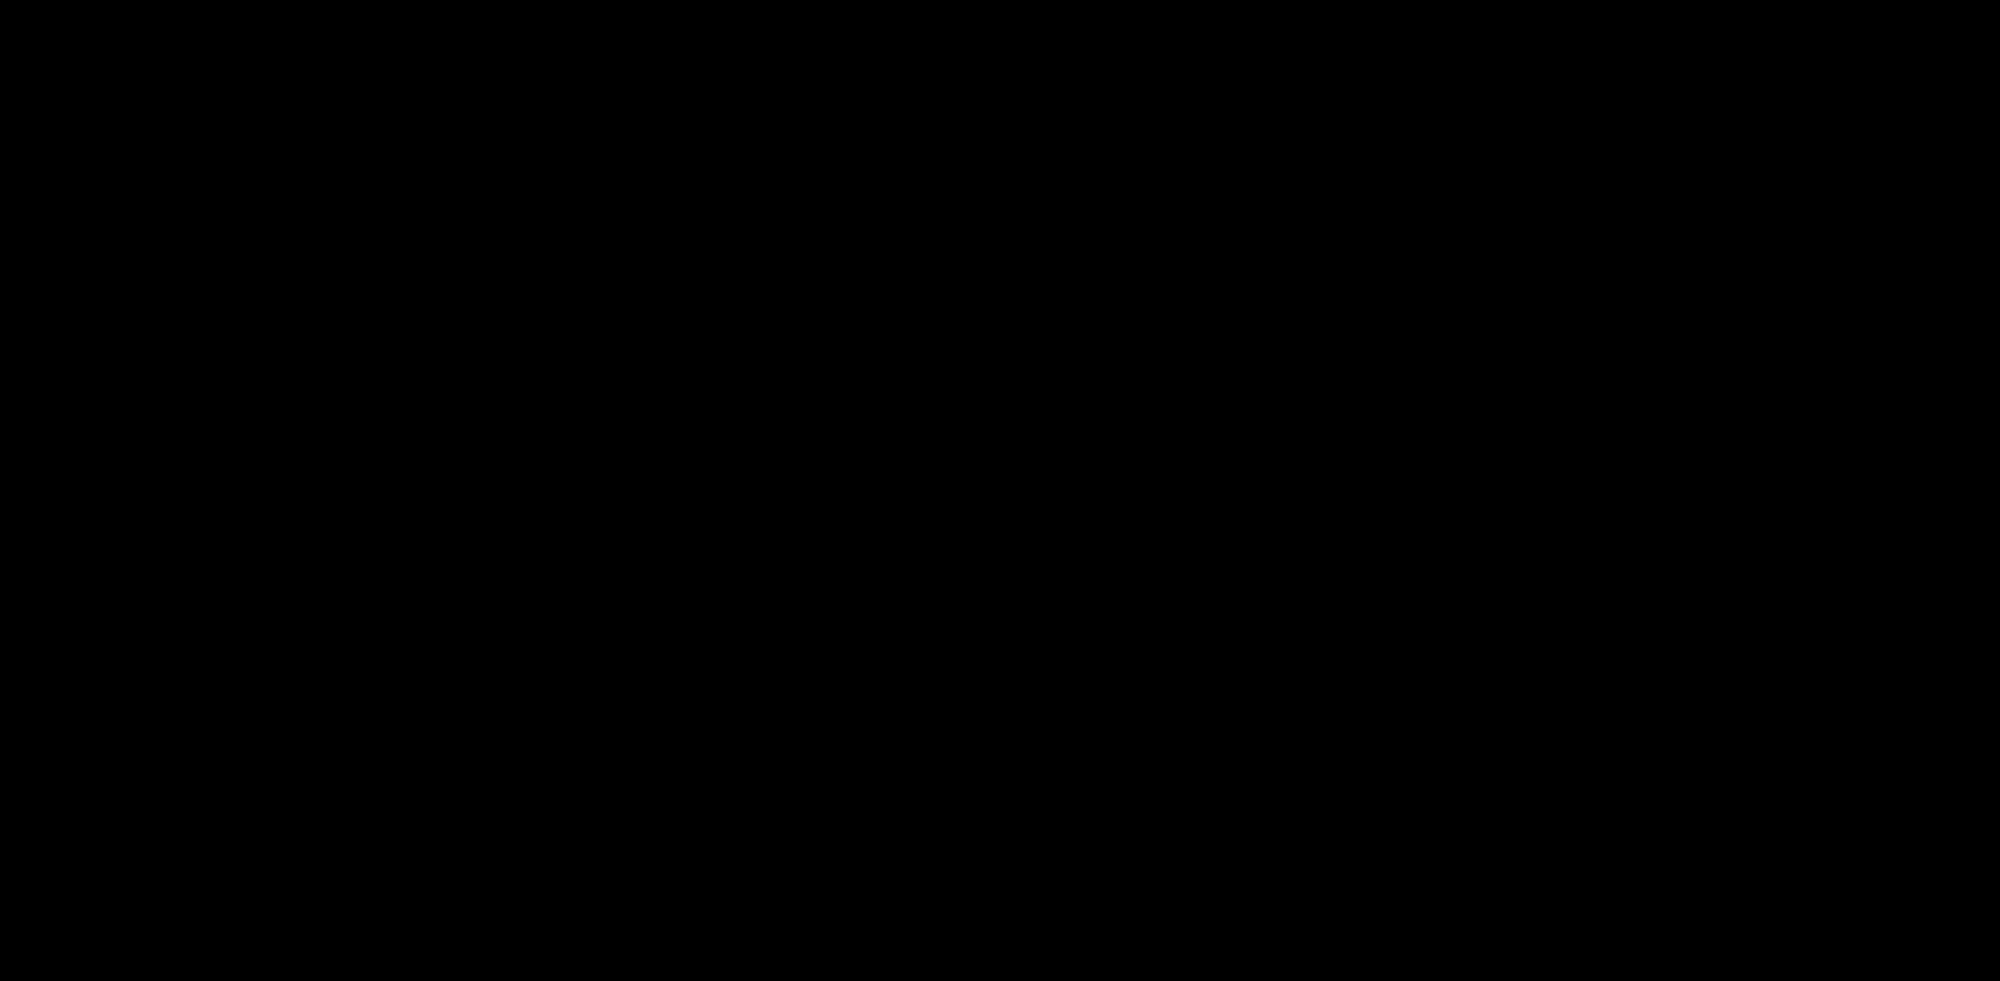 Camera Control-logo-black.png